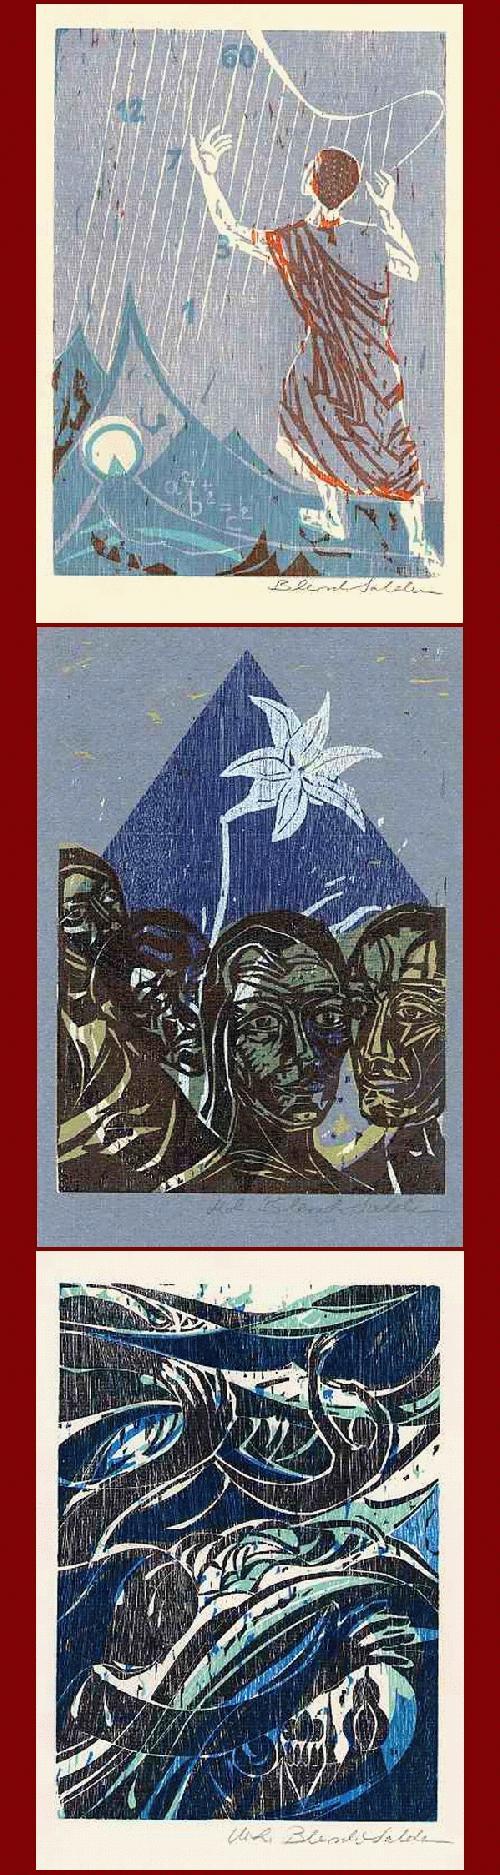 Marie-Luise Salden - 3 handsignierte OriginalFarbHolzschnitte zu 3 Poemen von ELISABETH von ULMANN 1984-87 (KIEL S/H) kopen? Bied vanaf 135!